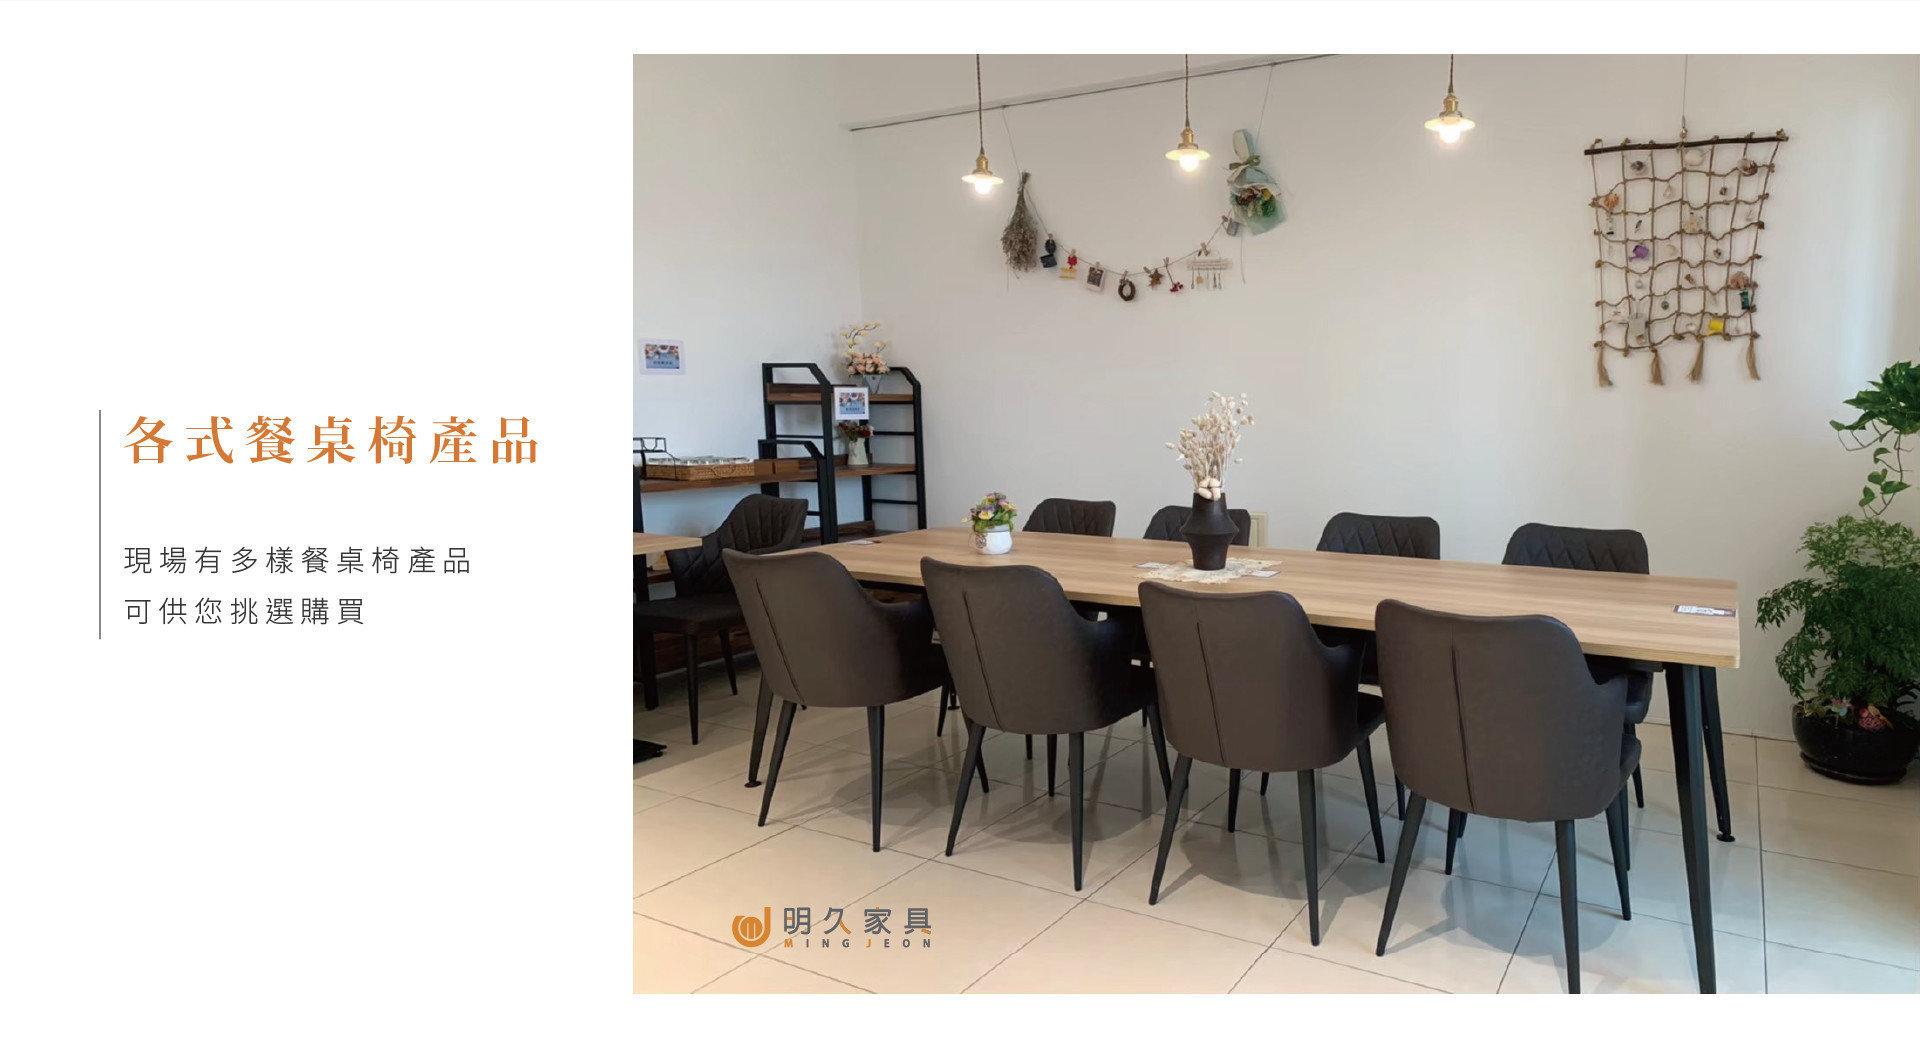 賣場有各式餐桌椅系列供您挑選